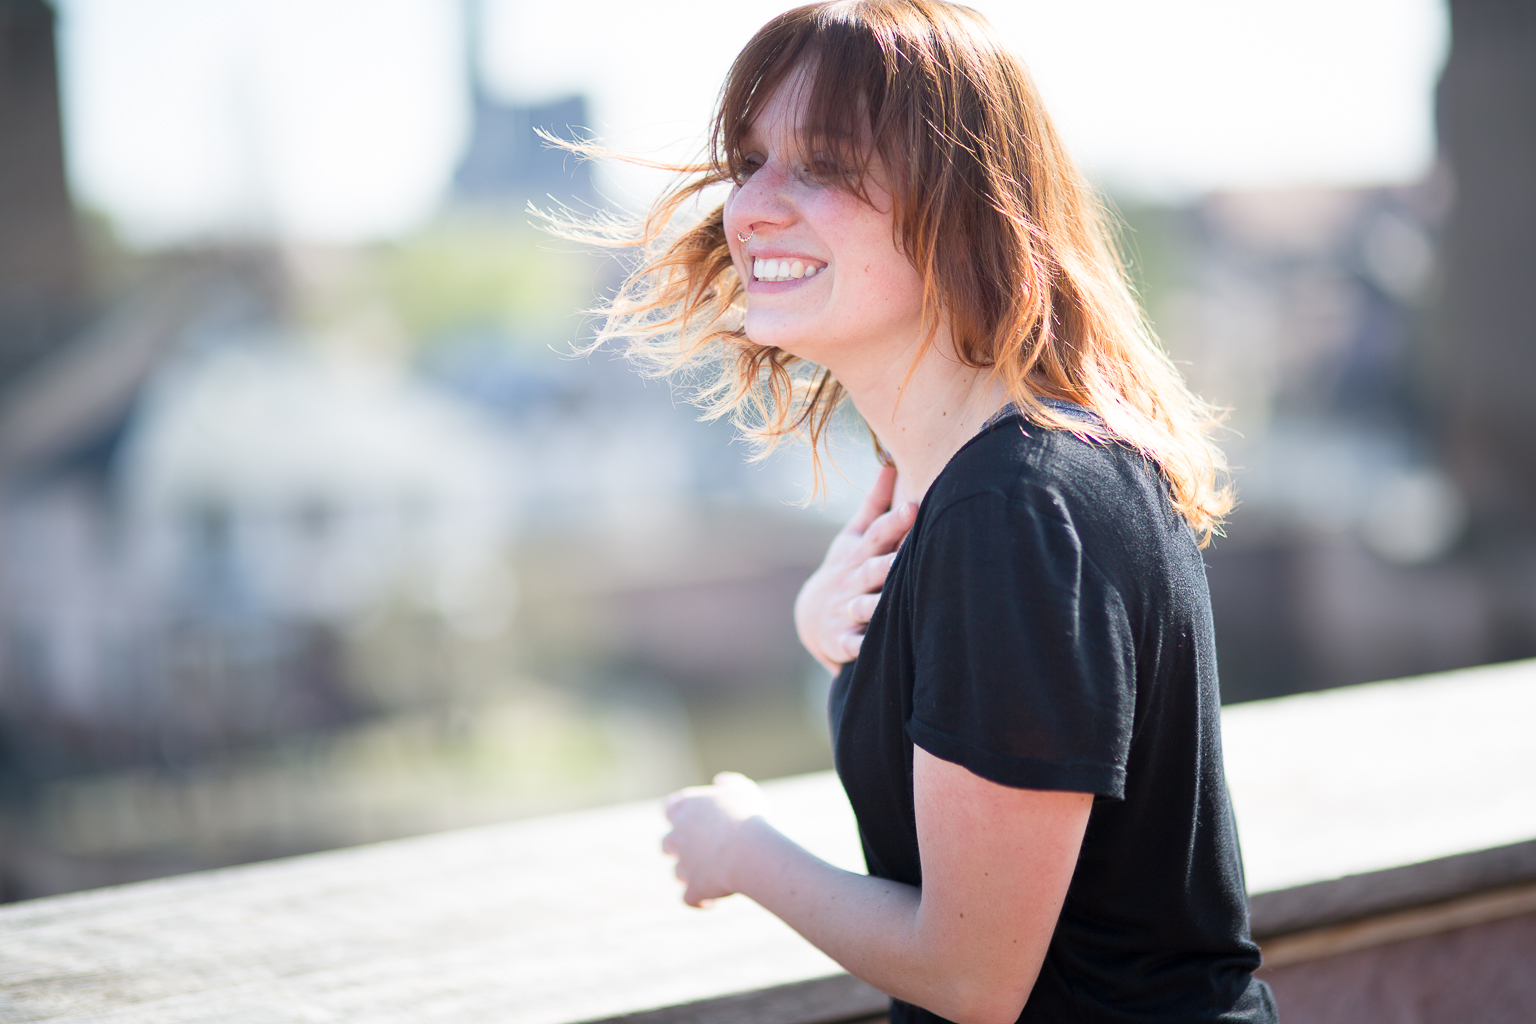 Jeune femme au large sourire, cheveux au vent